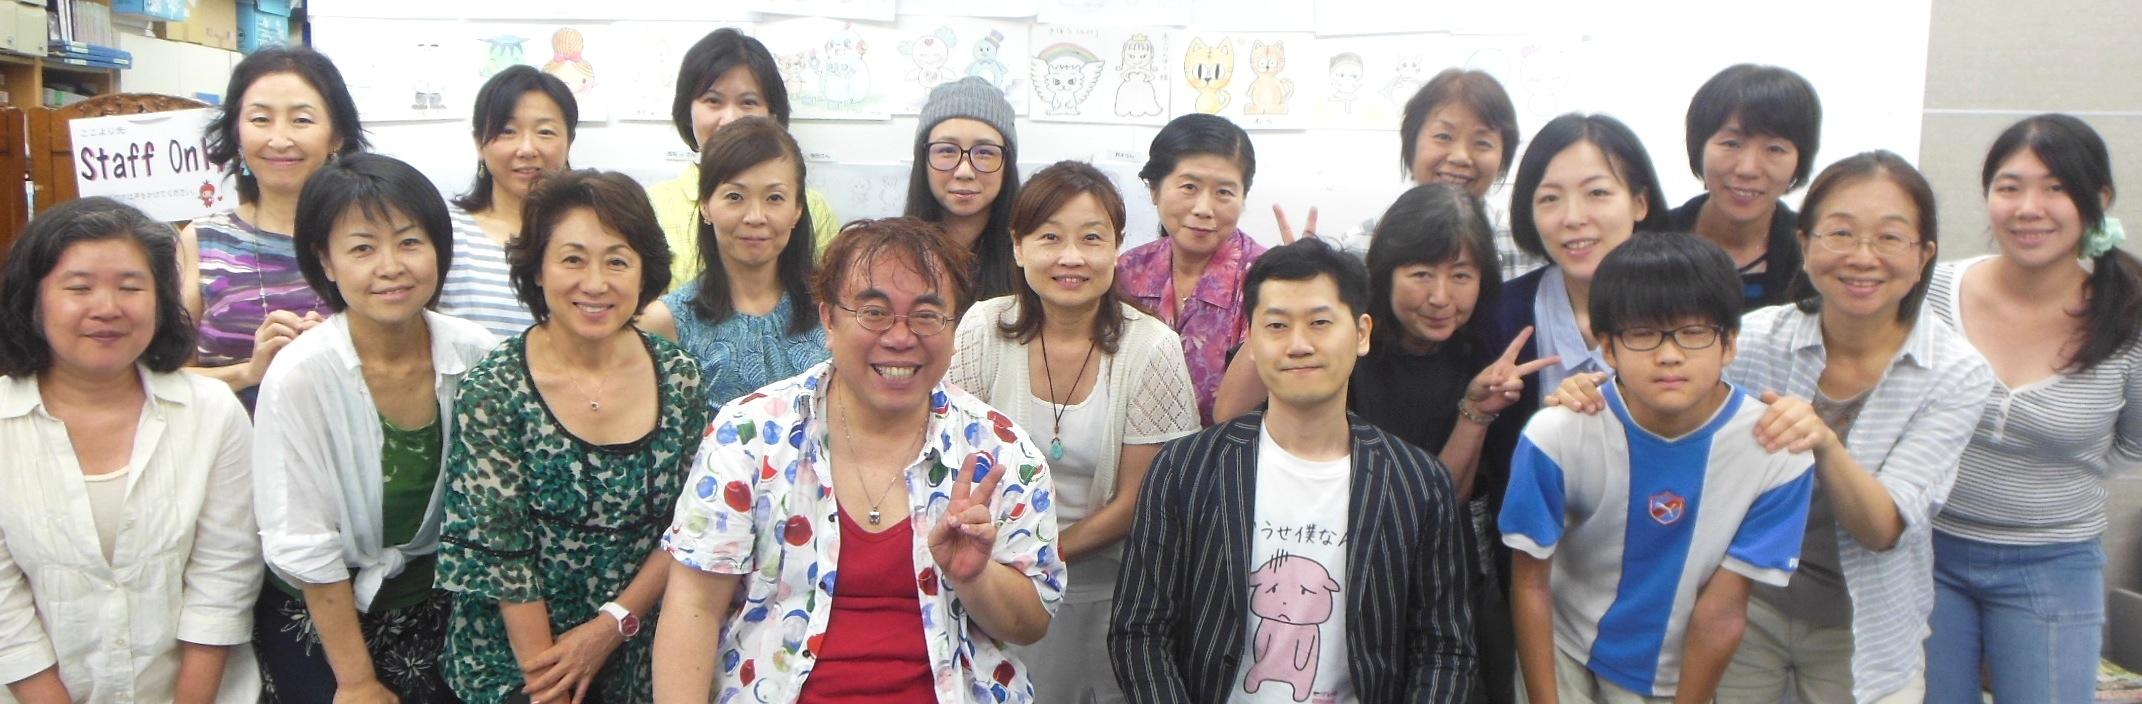 東京キャラクターアート学院のプレ講座_e0082852_1224406.jpg